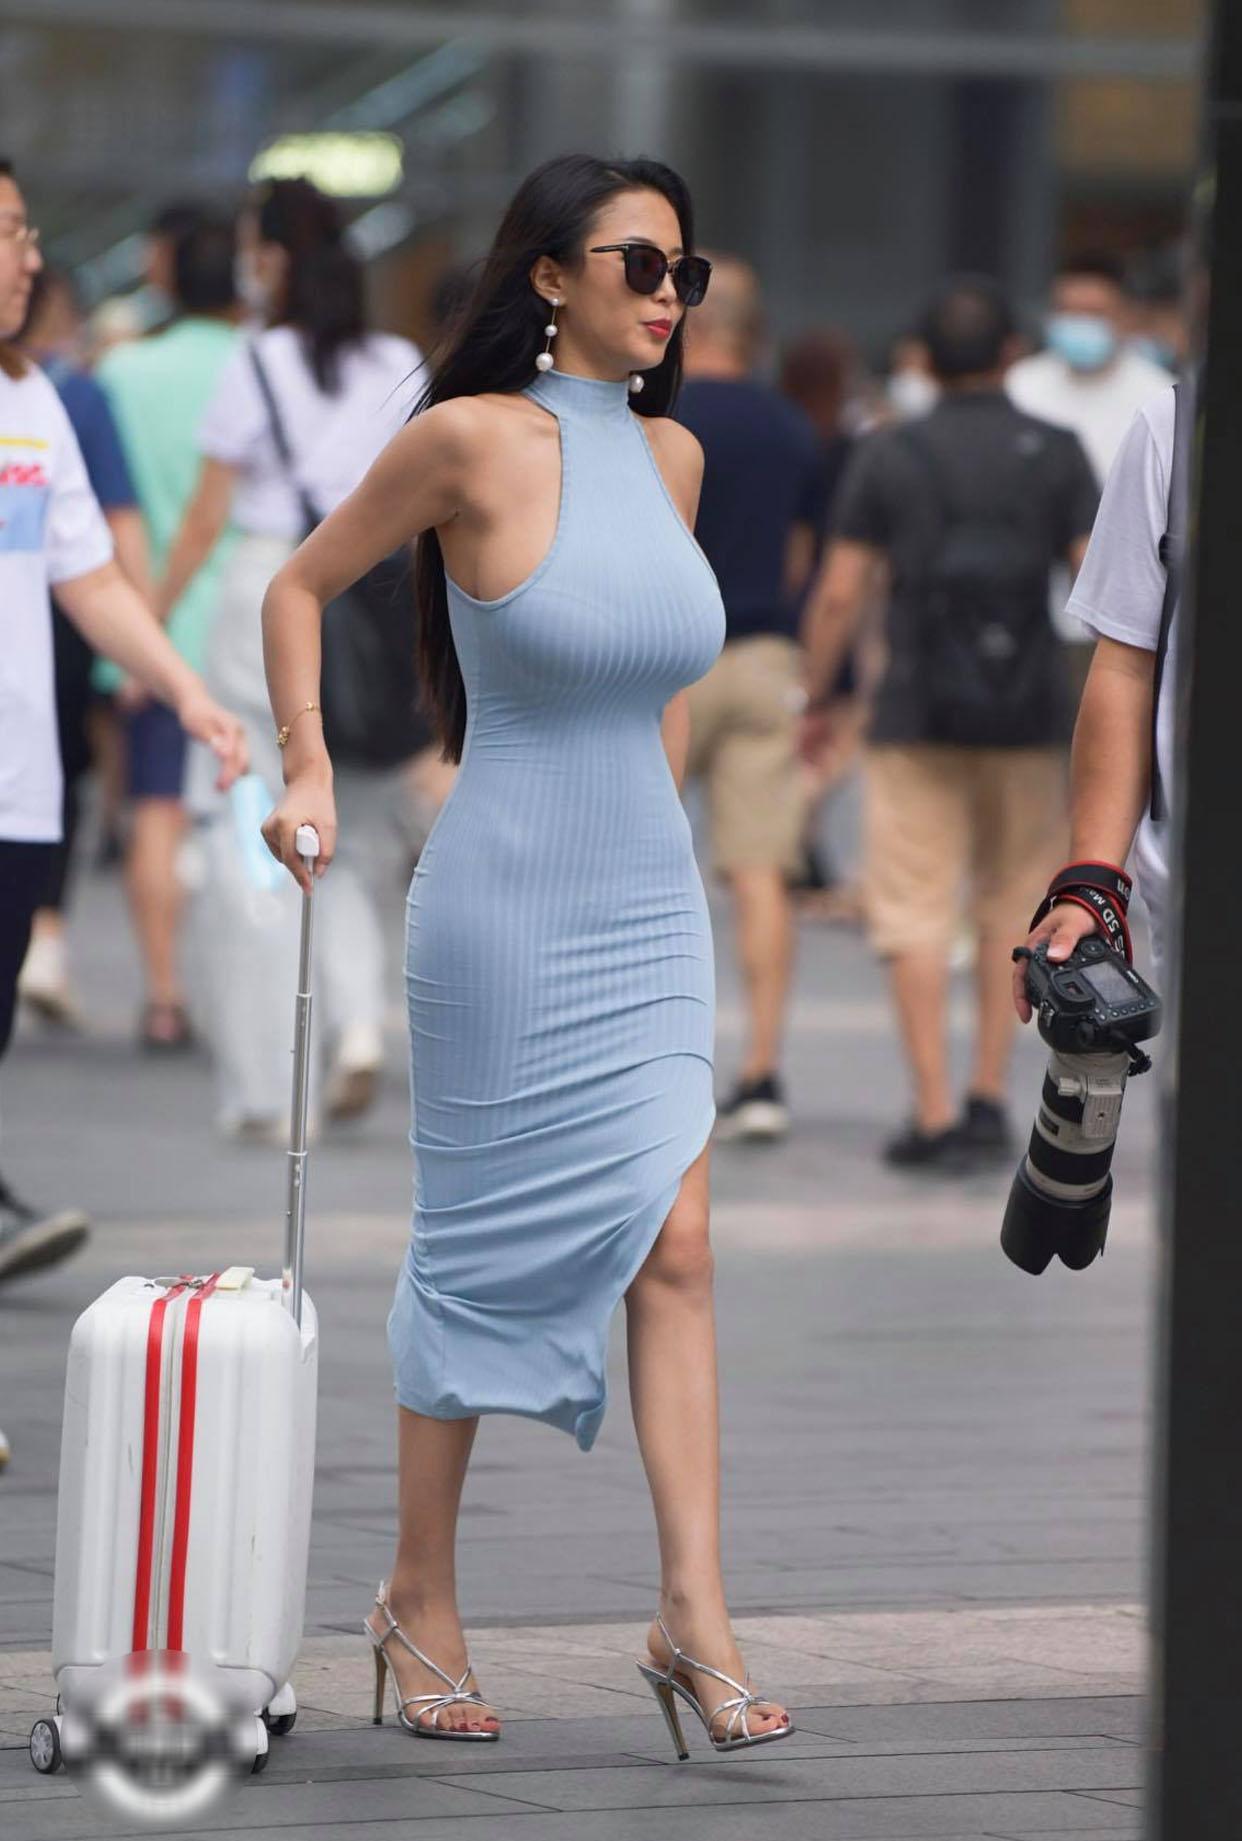 Hot girl đường phố diện đầm body khoe 3 vòng 'căng đét' nhưng biến thành thảm họa vì chọn nội y 'sai bét' - Ảnh 4